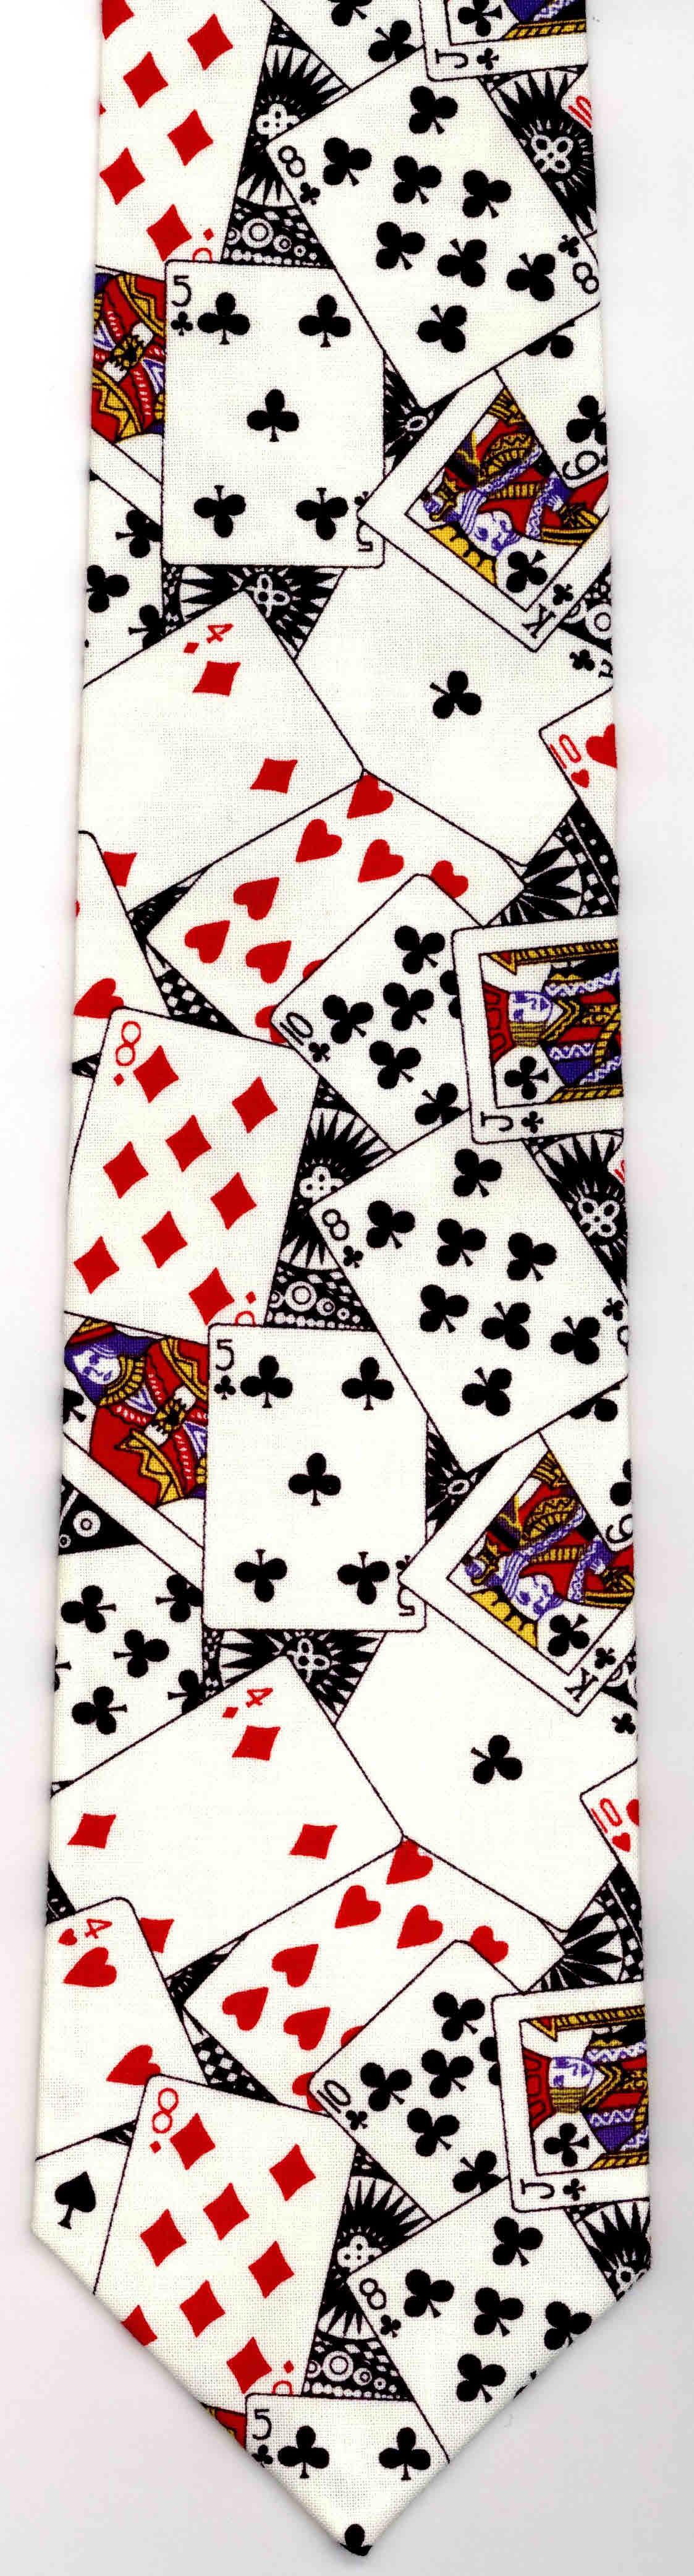 074 Cards Cloth.jpg